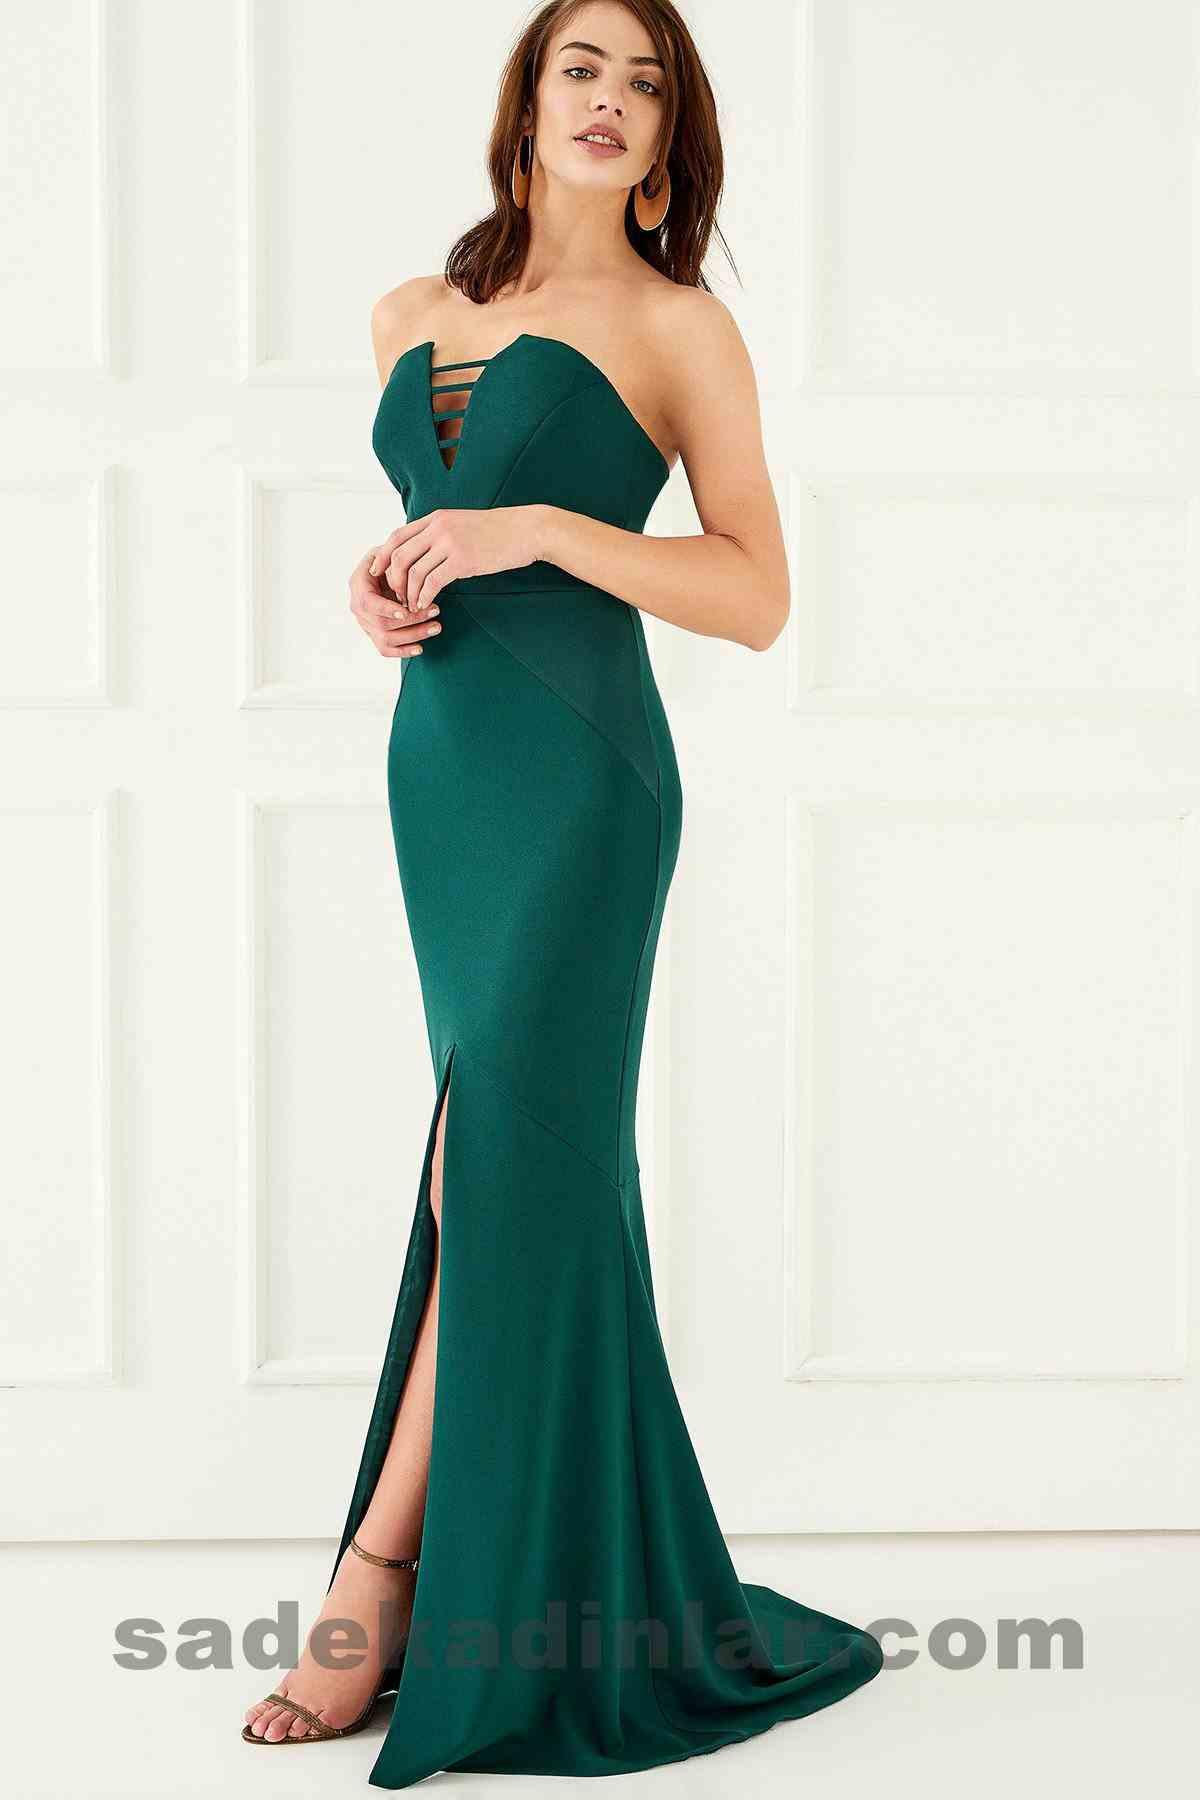 Abiye Elbise Modelleri Şık ve Güzel 2019 Gece Elbiseleri Göğüs Dekolteli Yeşil Yırtmaçlı